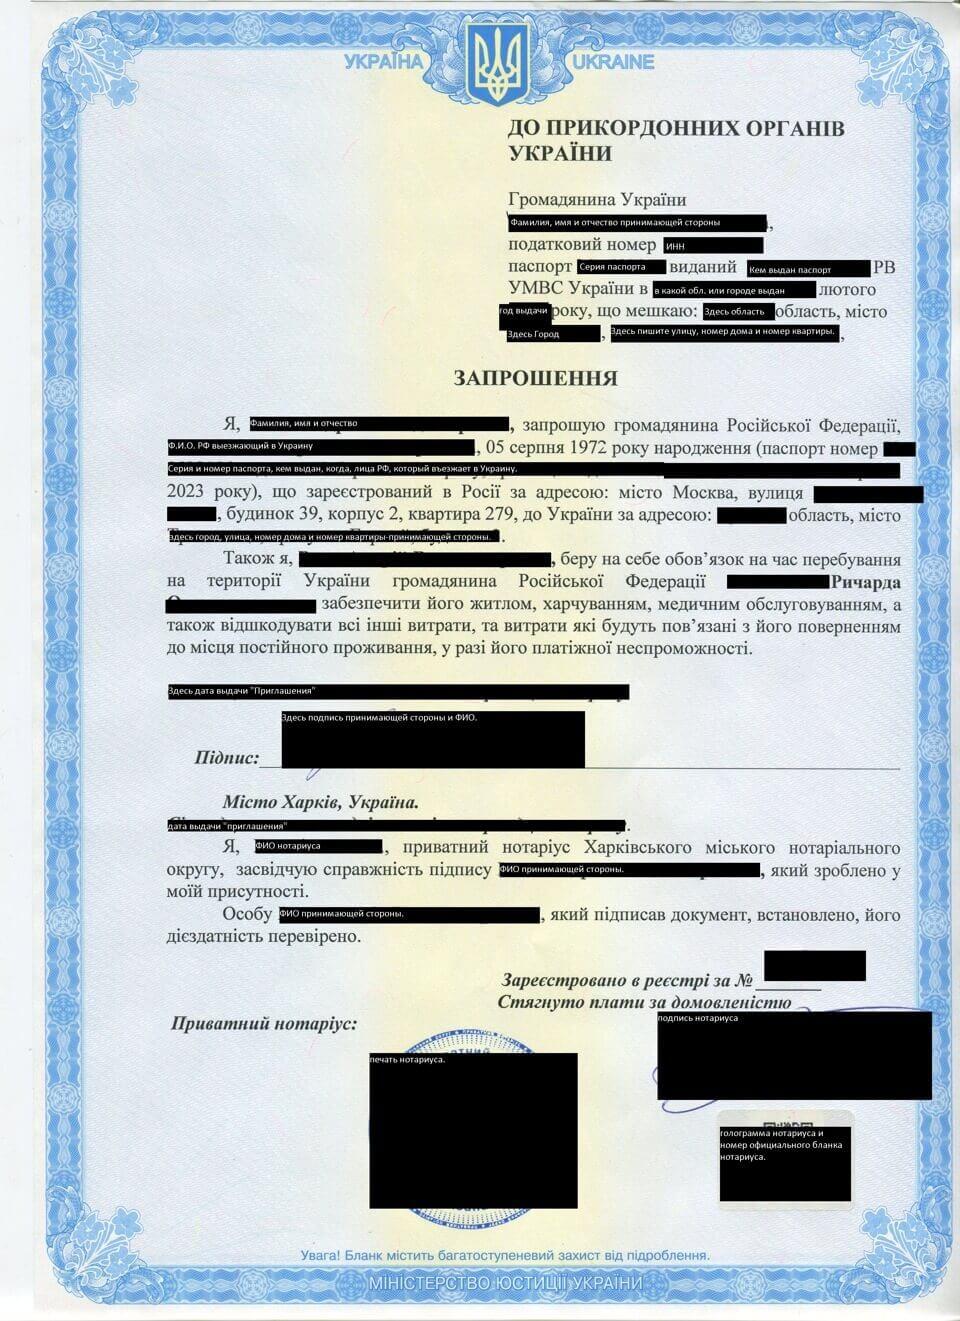 Как оформить приглашение в Украину для иностранца